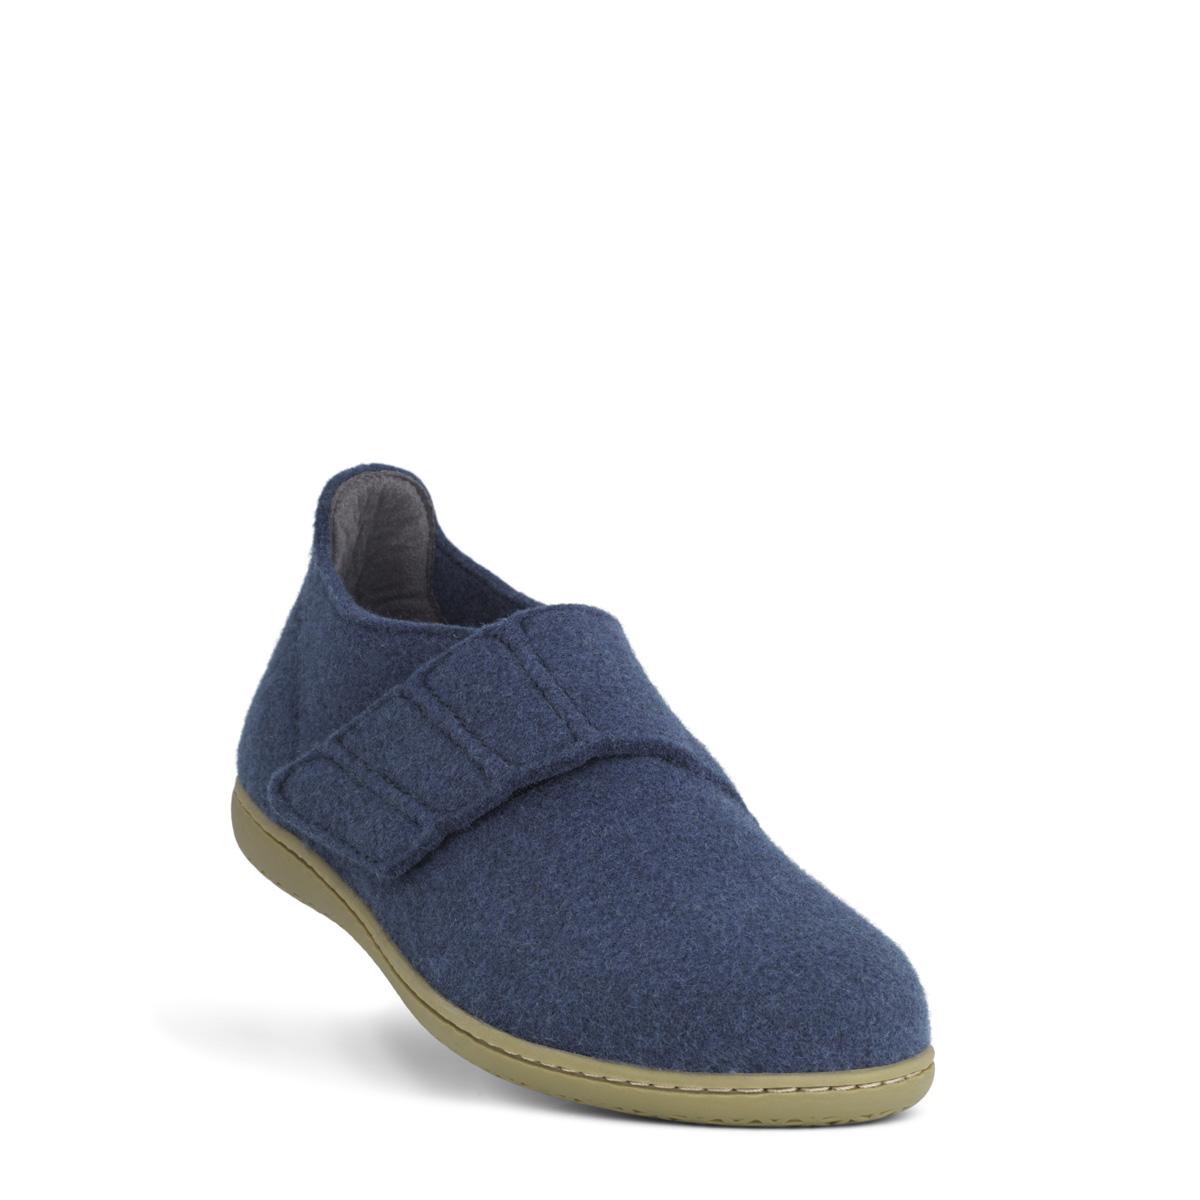 New Feet uldfiltet hjemmesko, grå blå